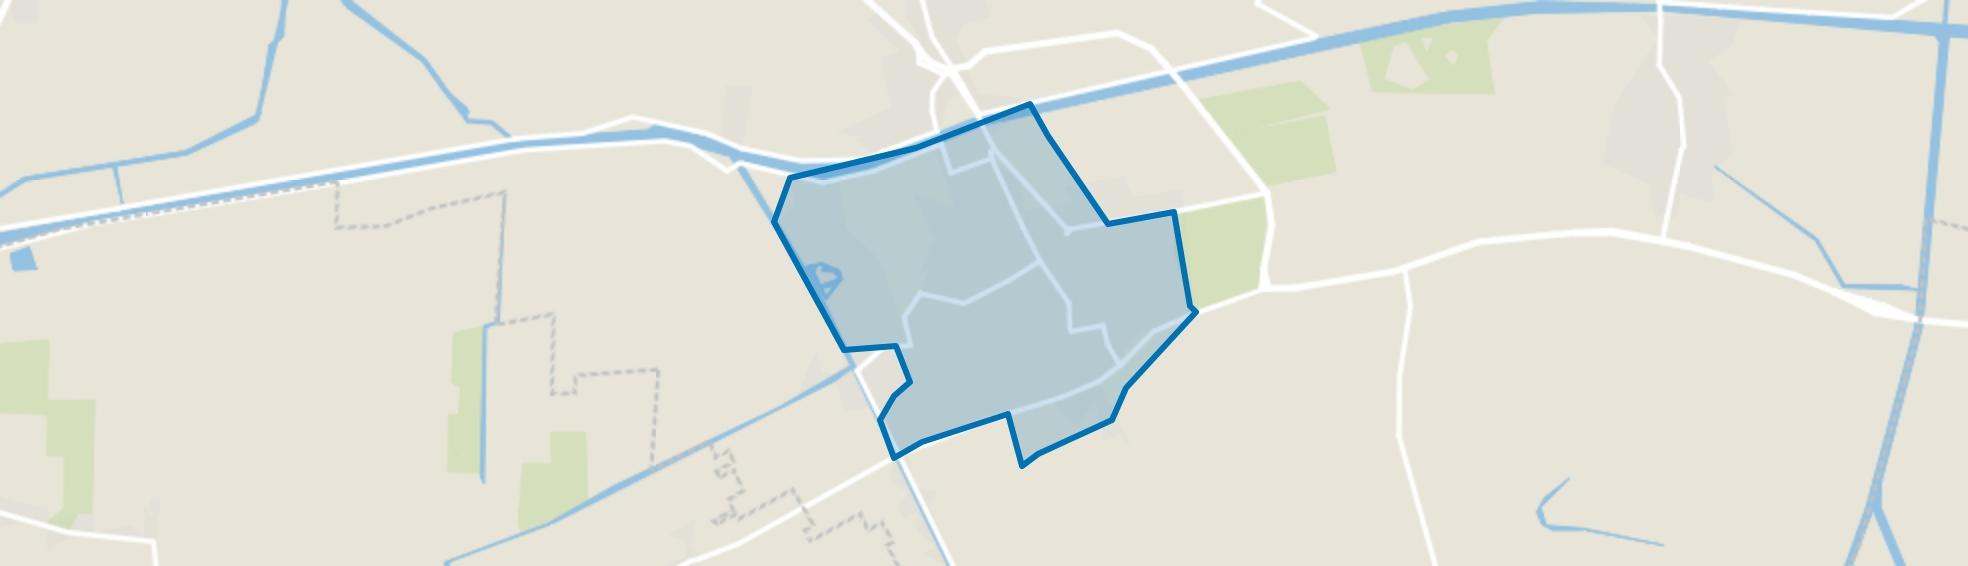 Zuidhorn, Zuidhorn map